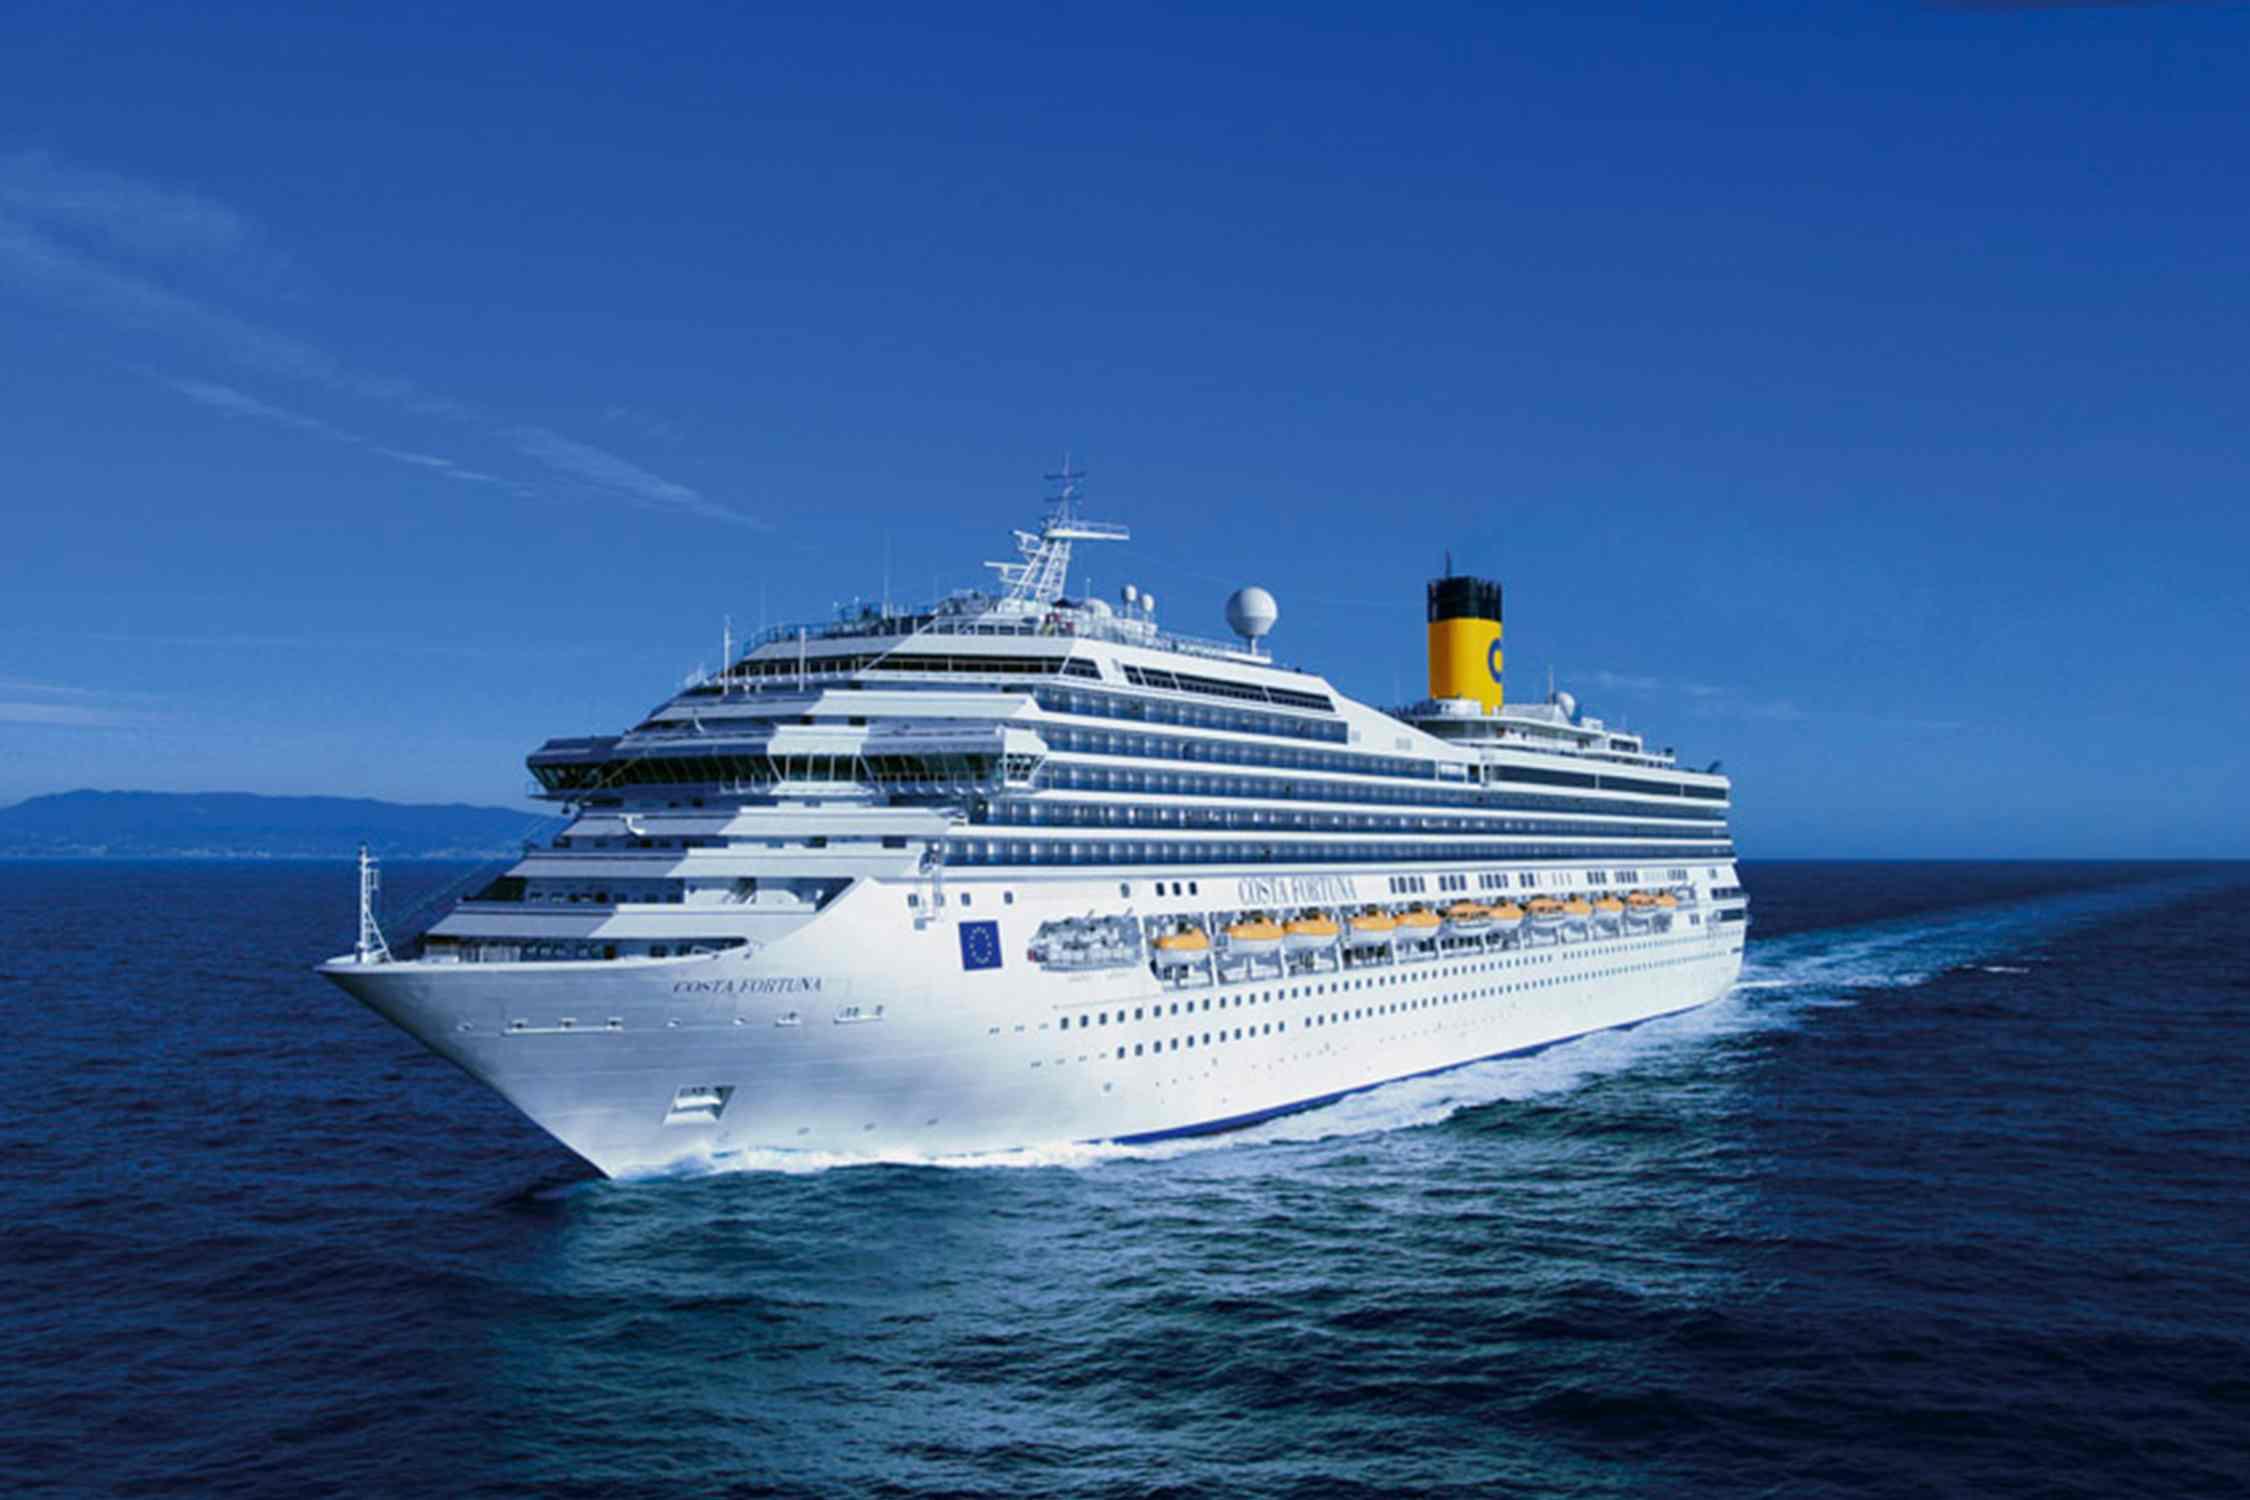 ทัวร์ล่องเรือสำราญ แหลมฉบัง– เกาะสมุย –สิงคโปร์ 4 วัน 3 คืน